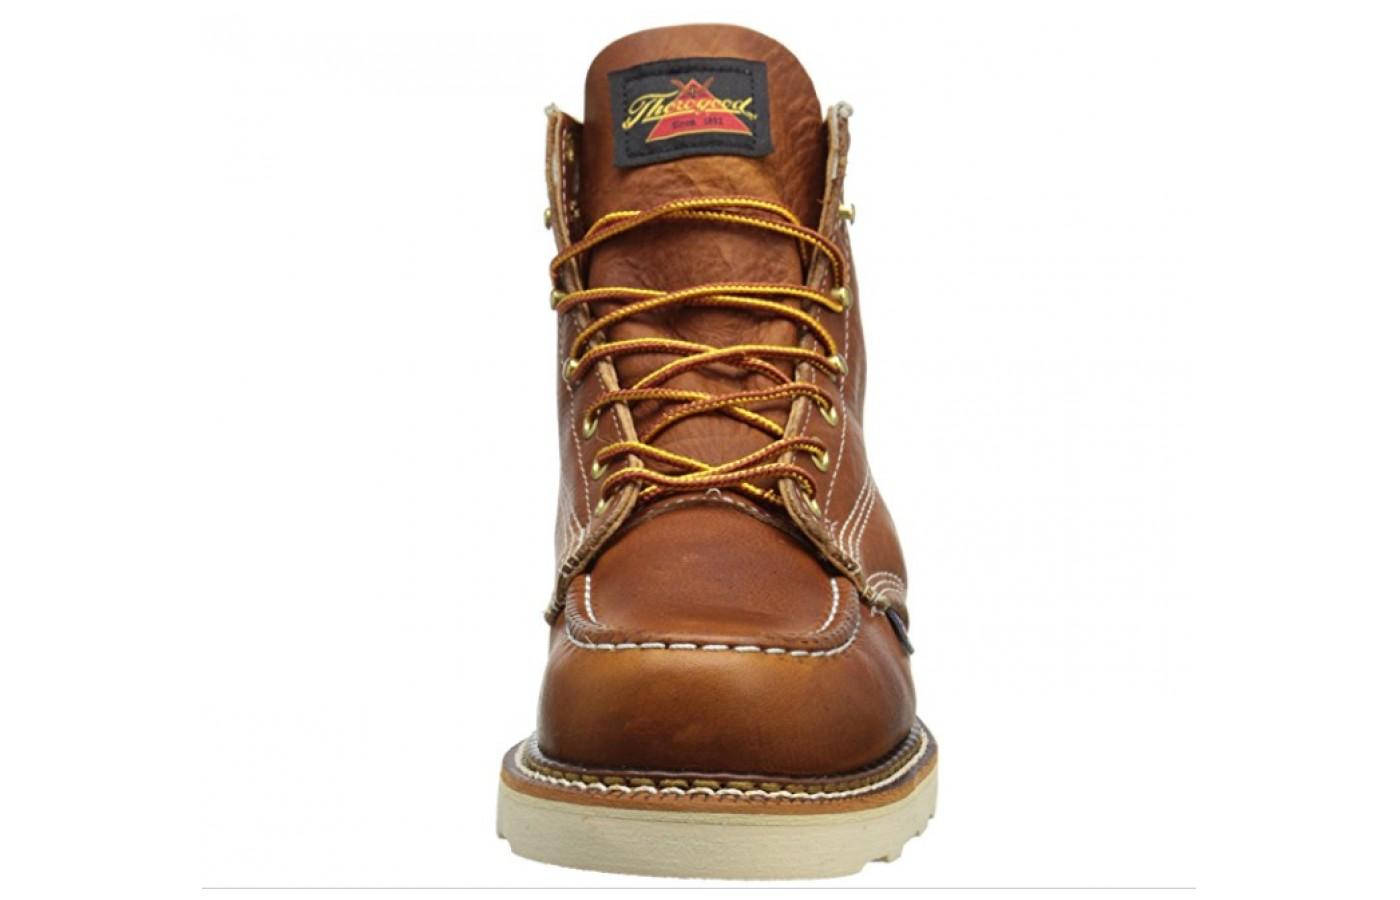 Thorogood American Moc Toe Boots Upper